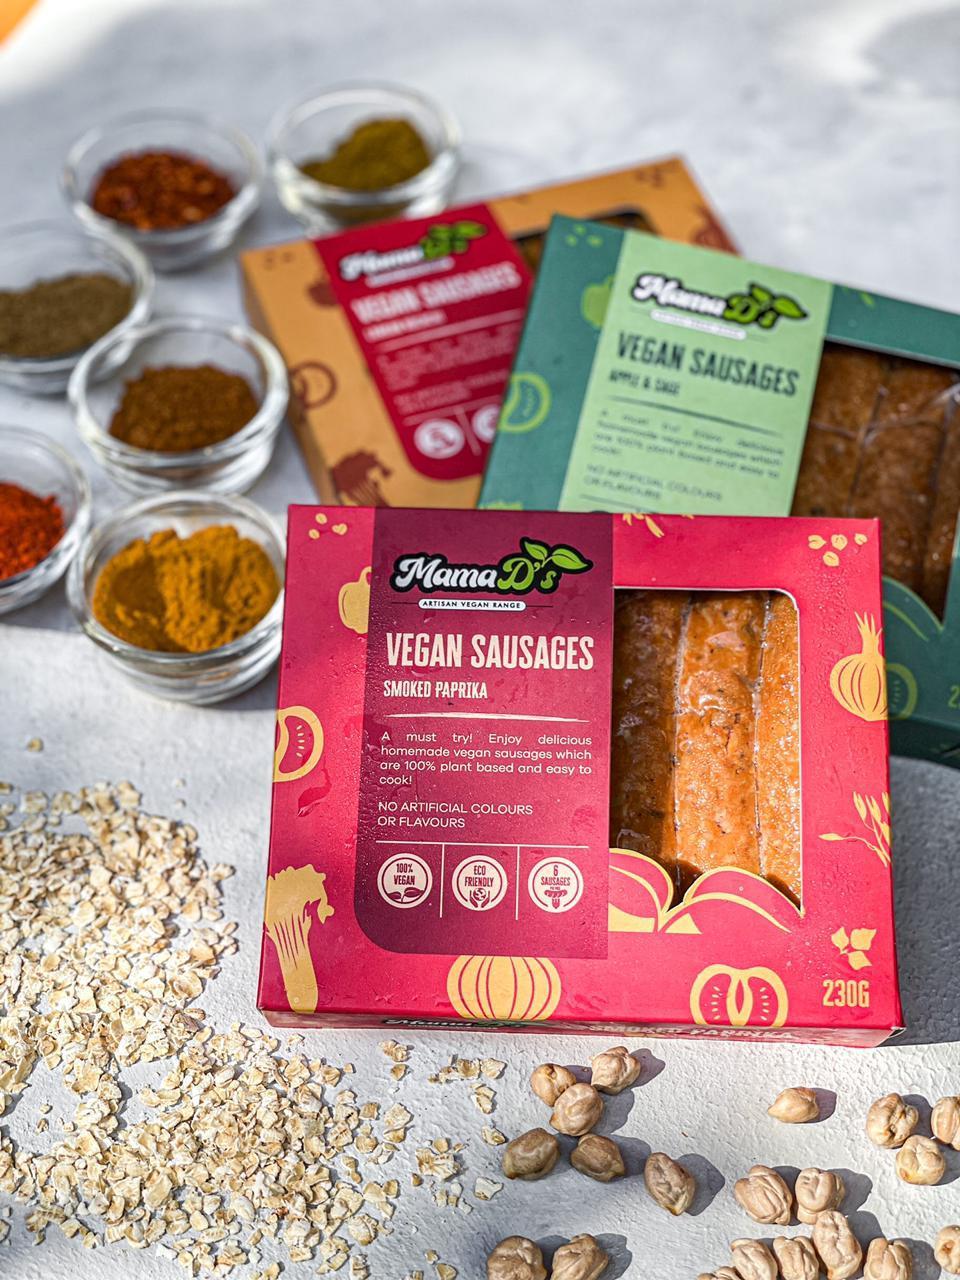 Mama D's Smoked Paprika Vegan Sausages pack of 6